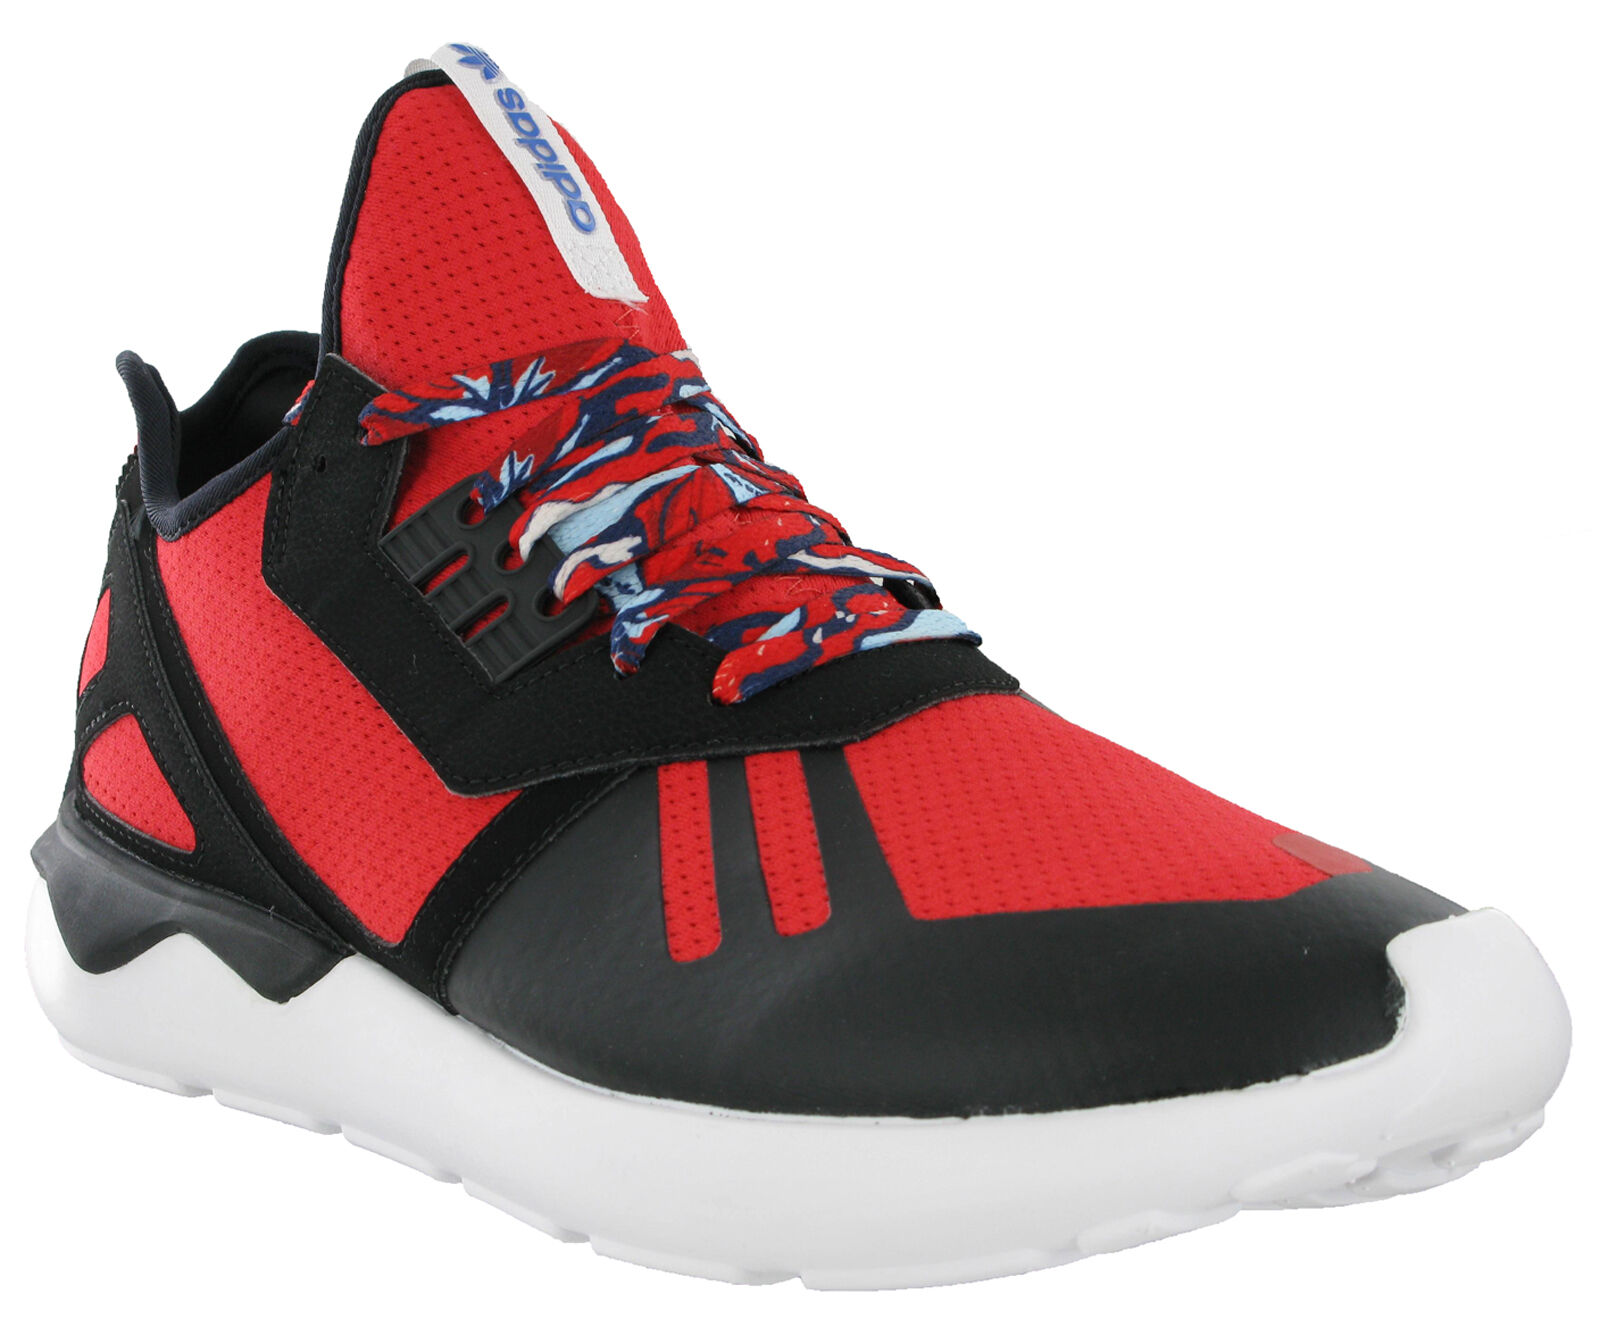 adidas top tubuläre läufer laufen neopren - sport - top adidas mens spitze an ausbilder d7c4cb